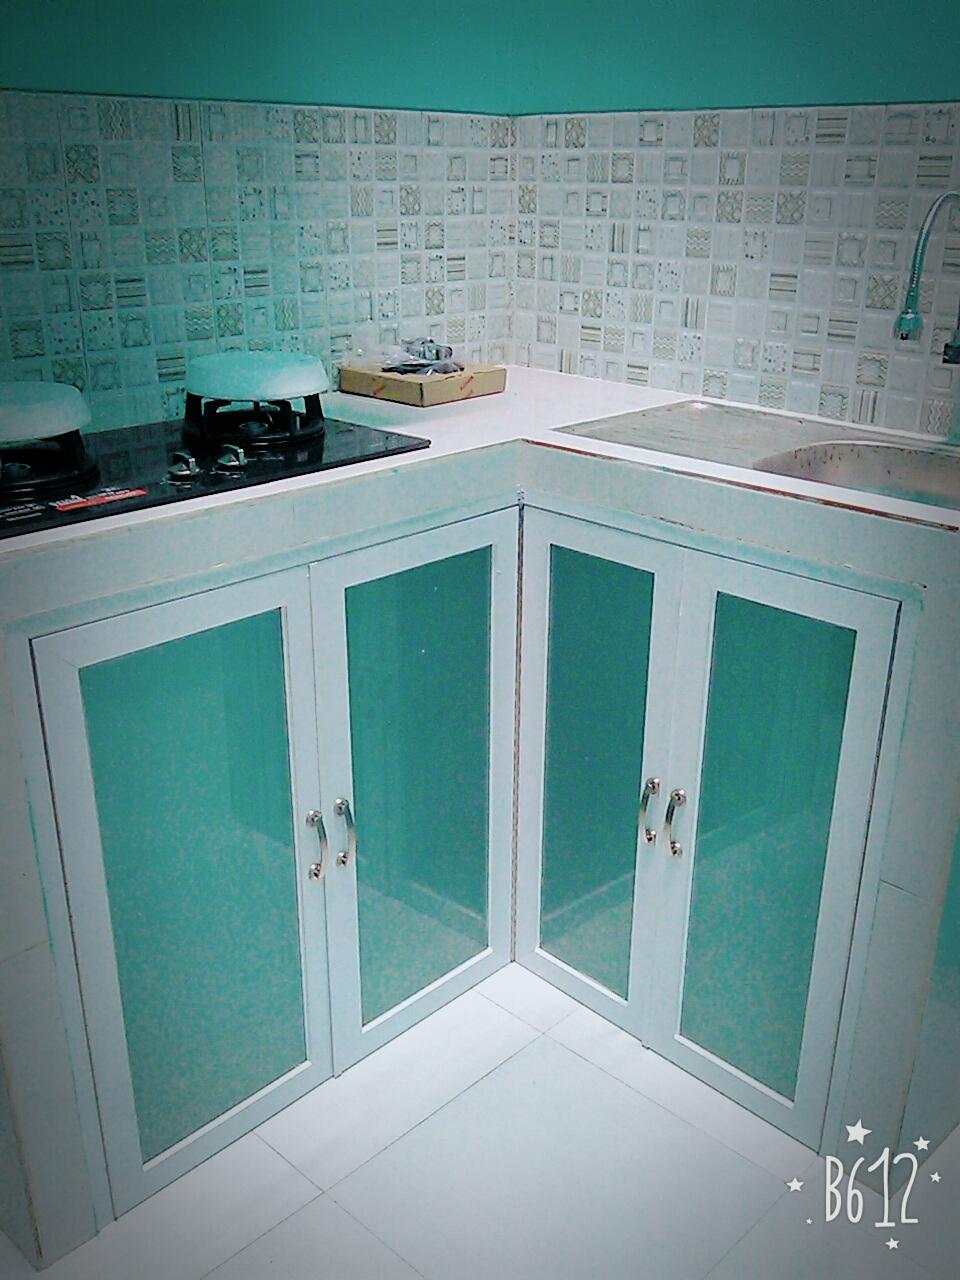 UTAMA ALUMINIUM DAN KACA: Pintu kitchen set aluminium